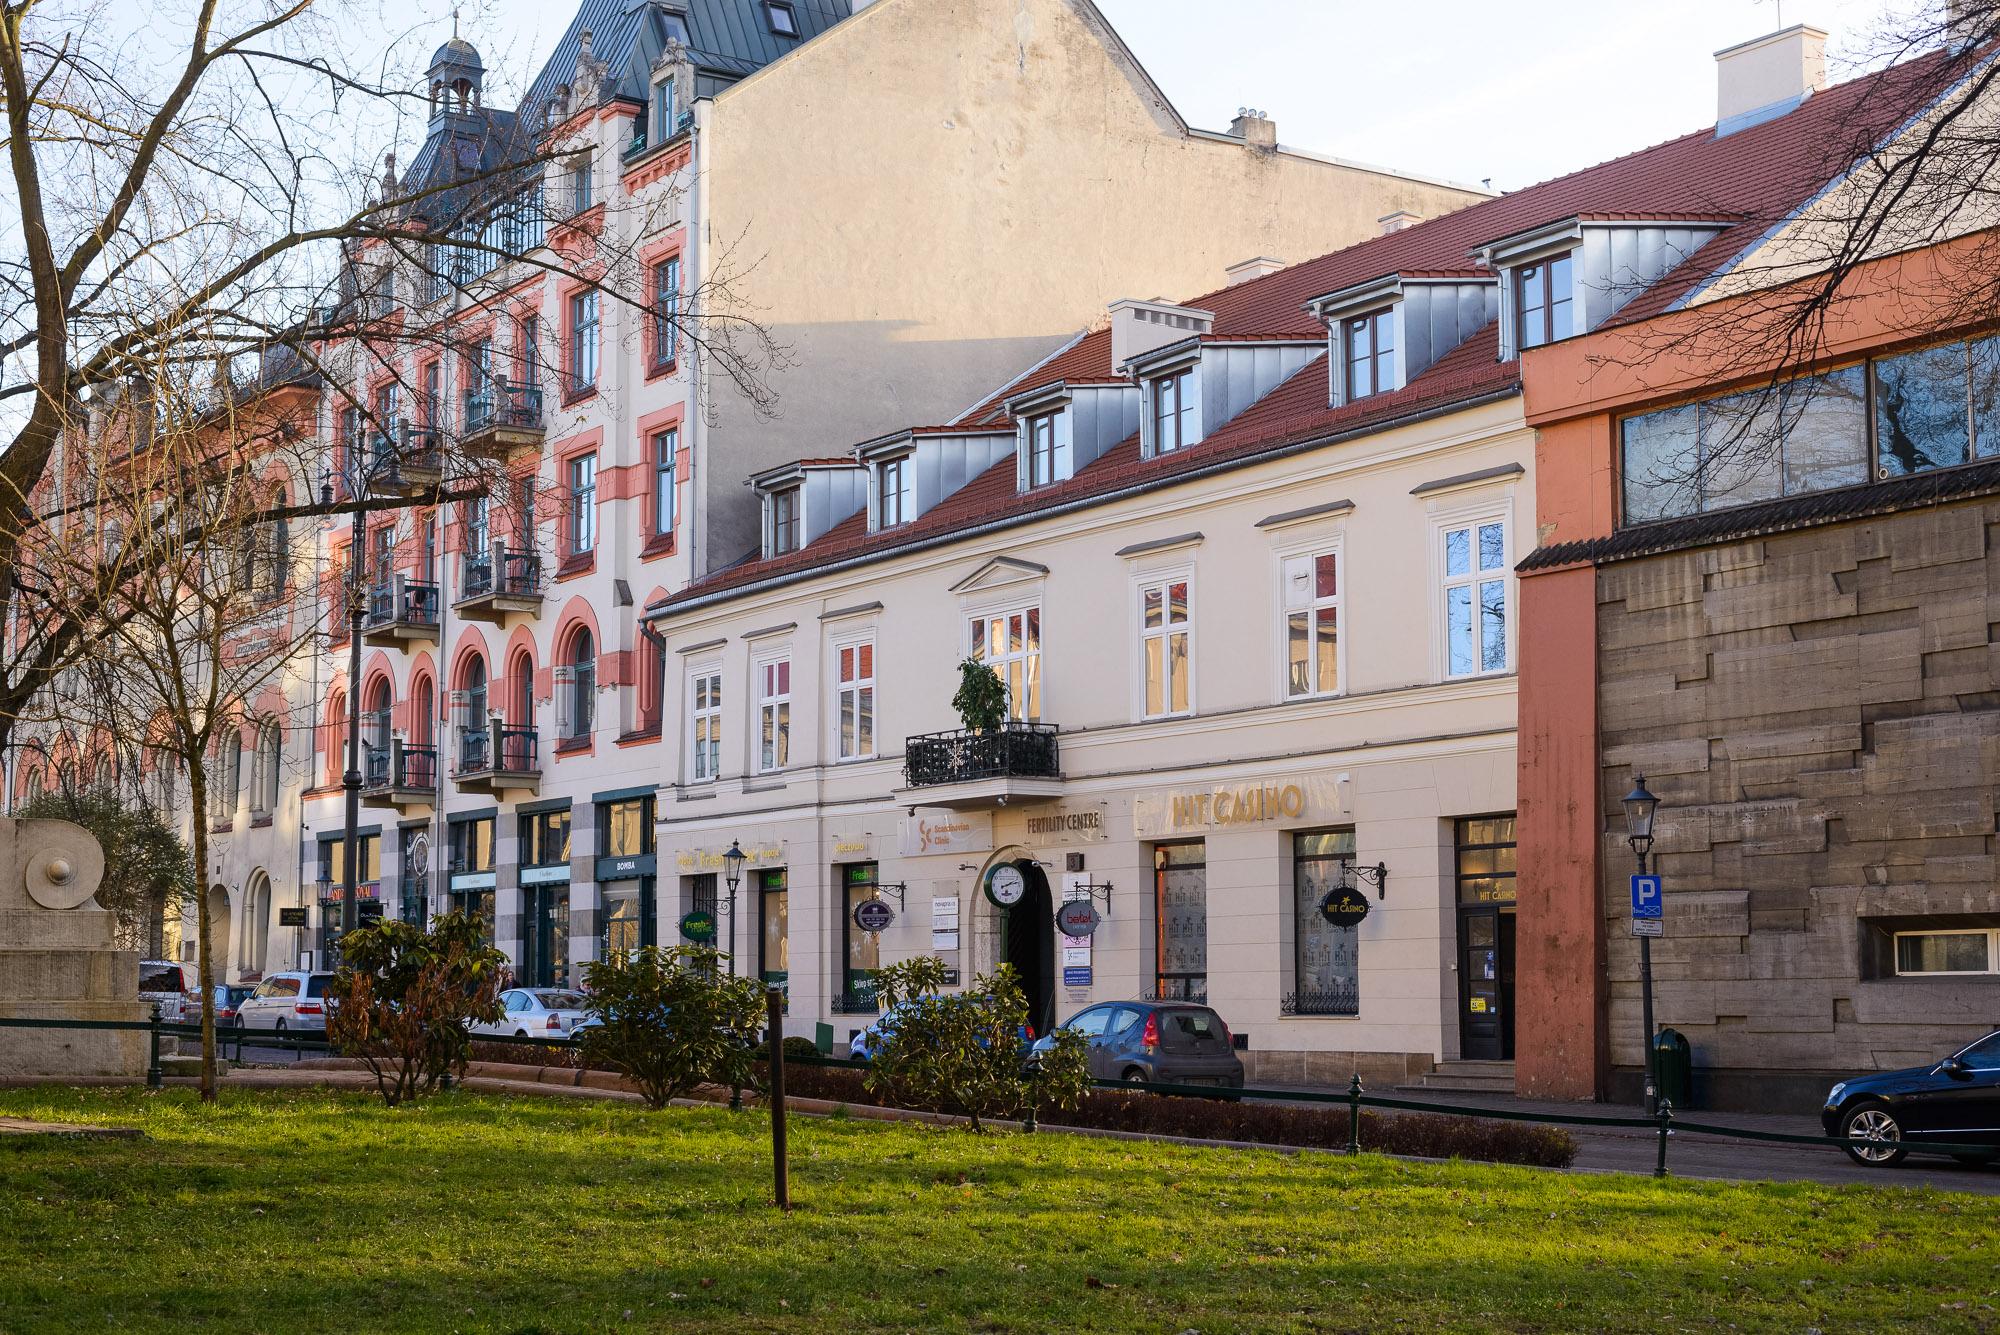 Budynek Usługowy-Oficyna, Plac Szczepański 3 , Kraków